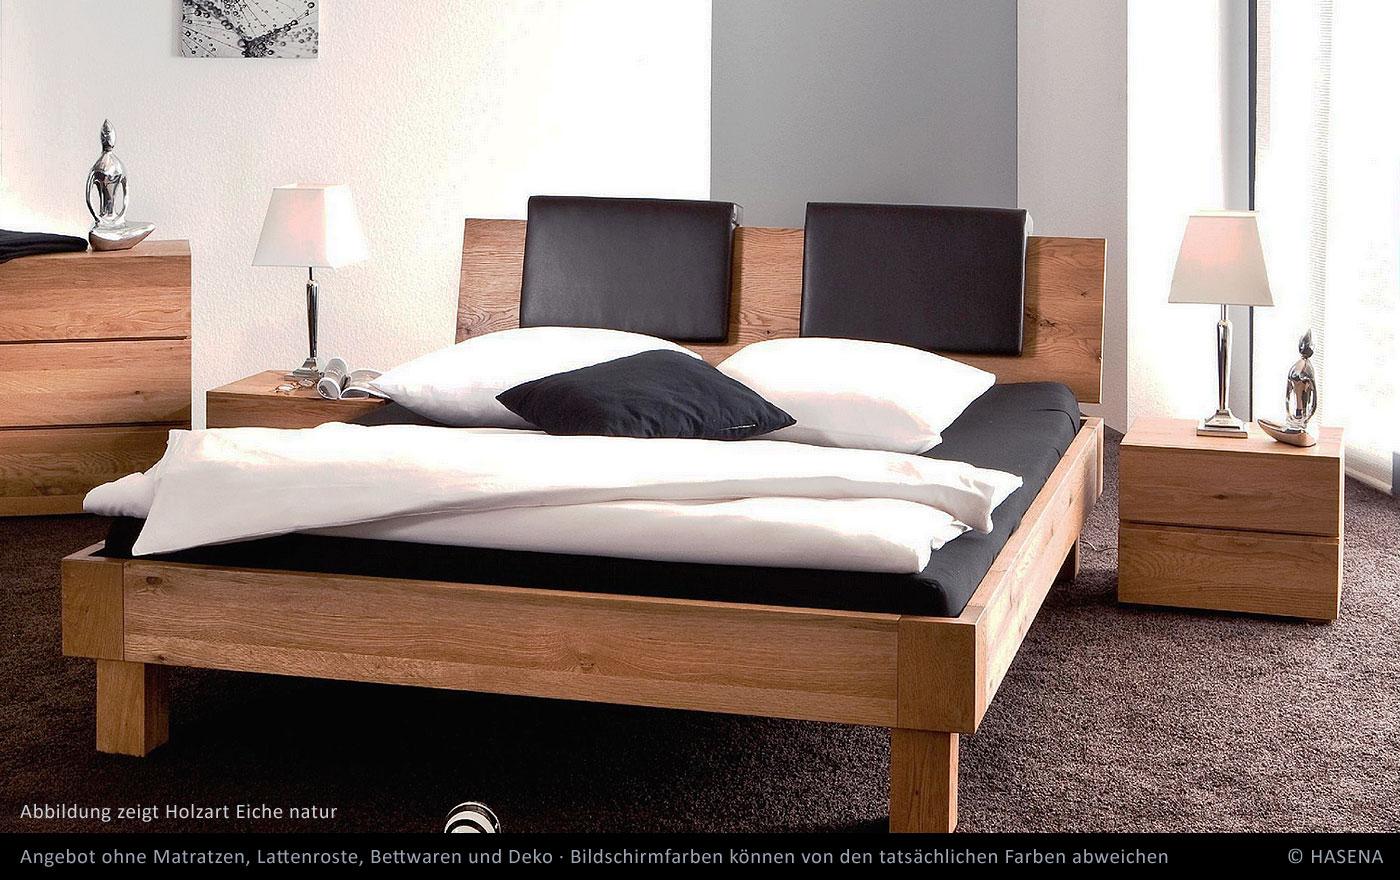 Hasena Massivholzbett Oak Line Noro Eiche Betten Prinz GmbH